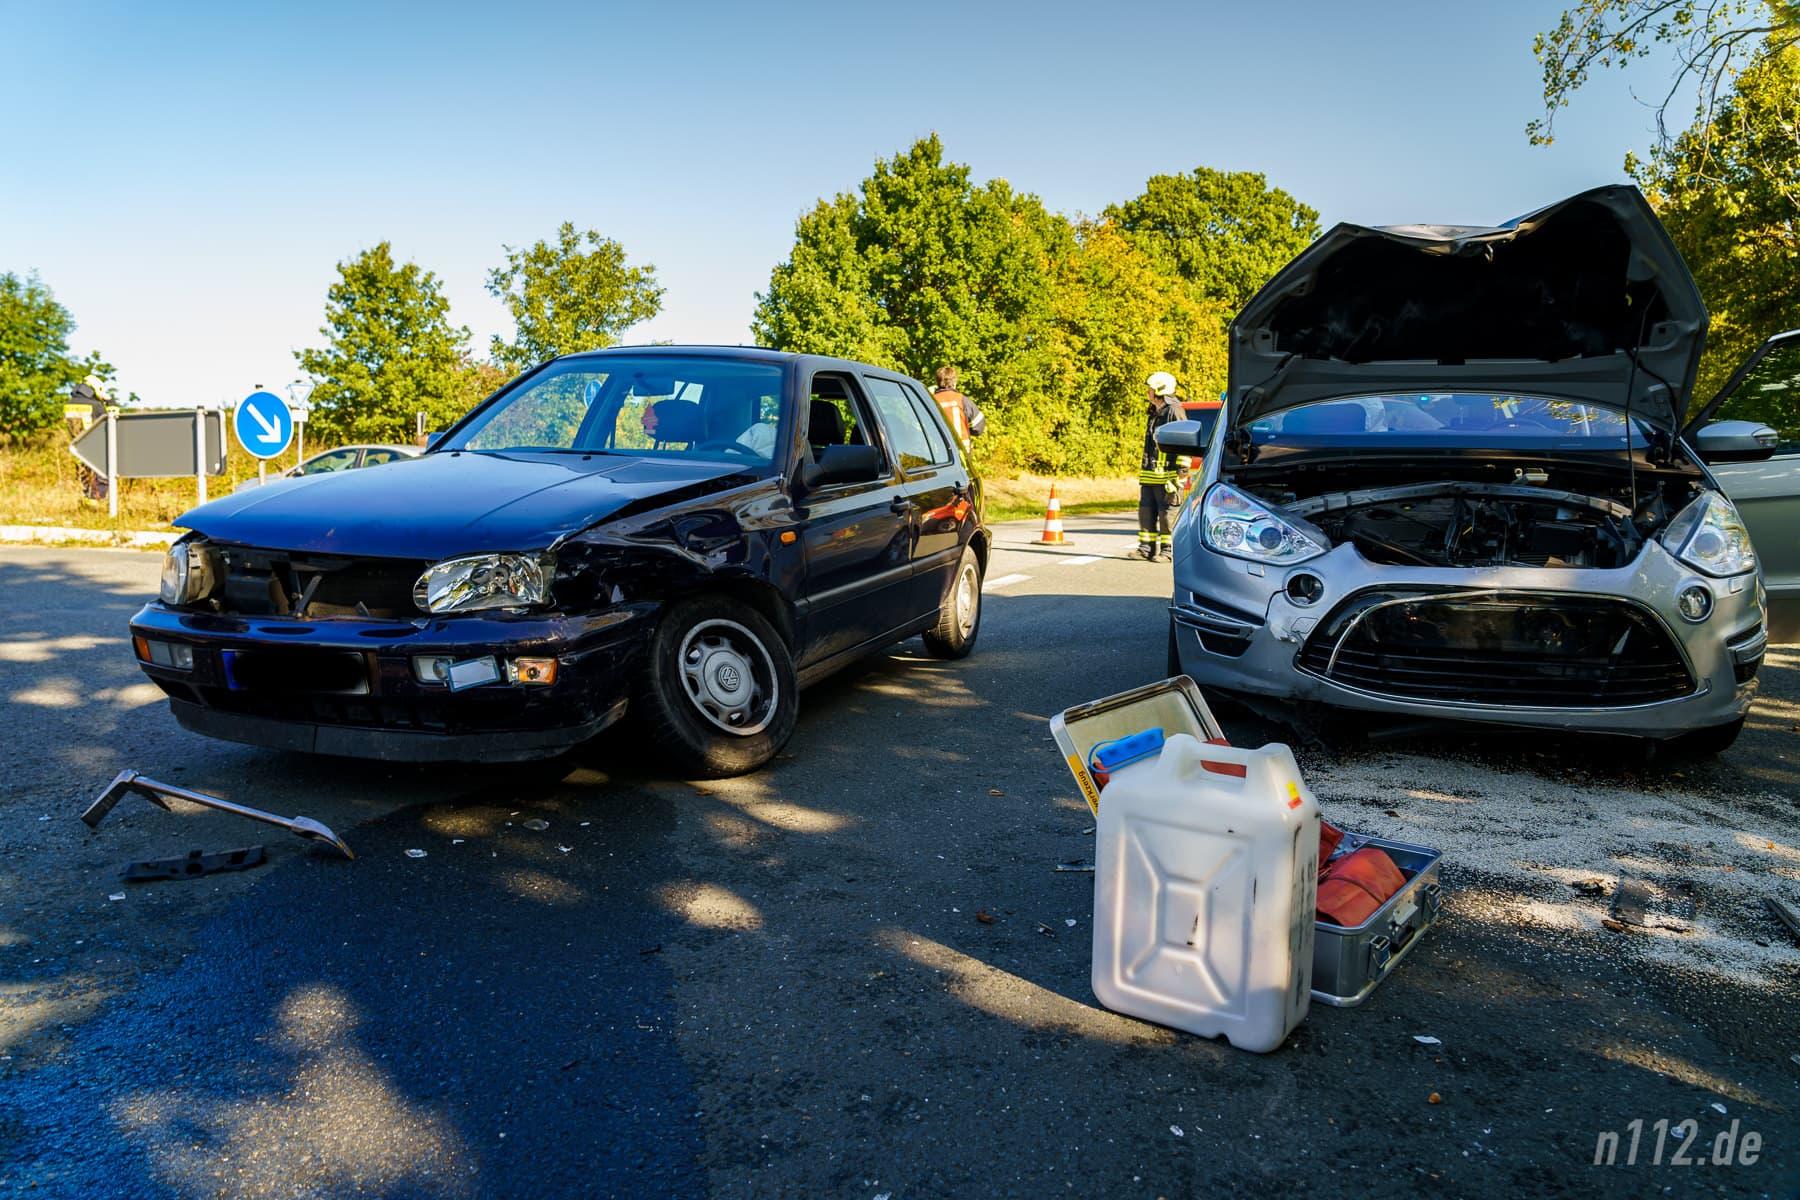 Beide Unfallfahrzeuge stehen in der Mitte der Einmündung, umgeben von Splittern (Foto: n112.de/Stefan Simonsen)